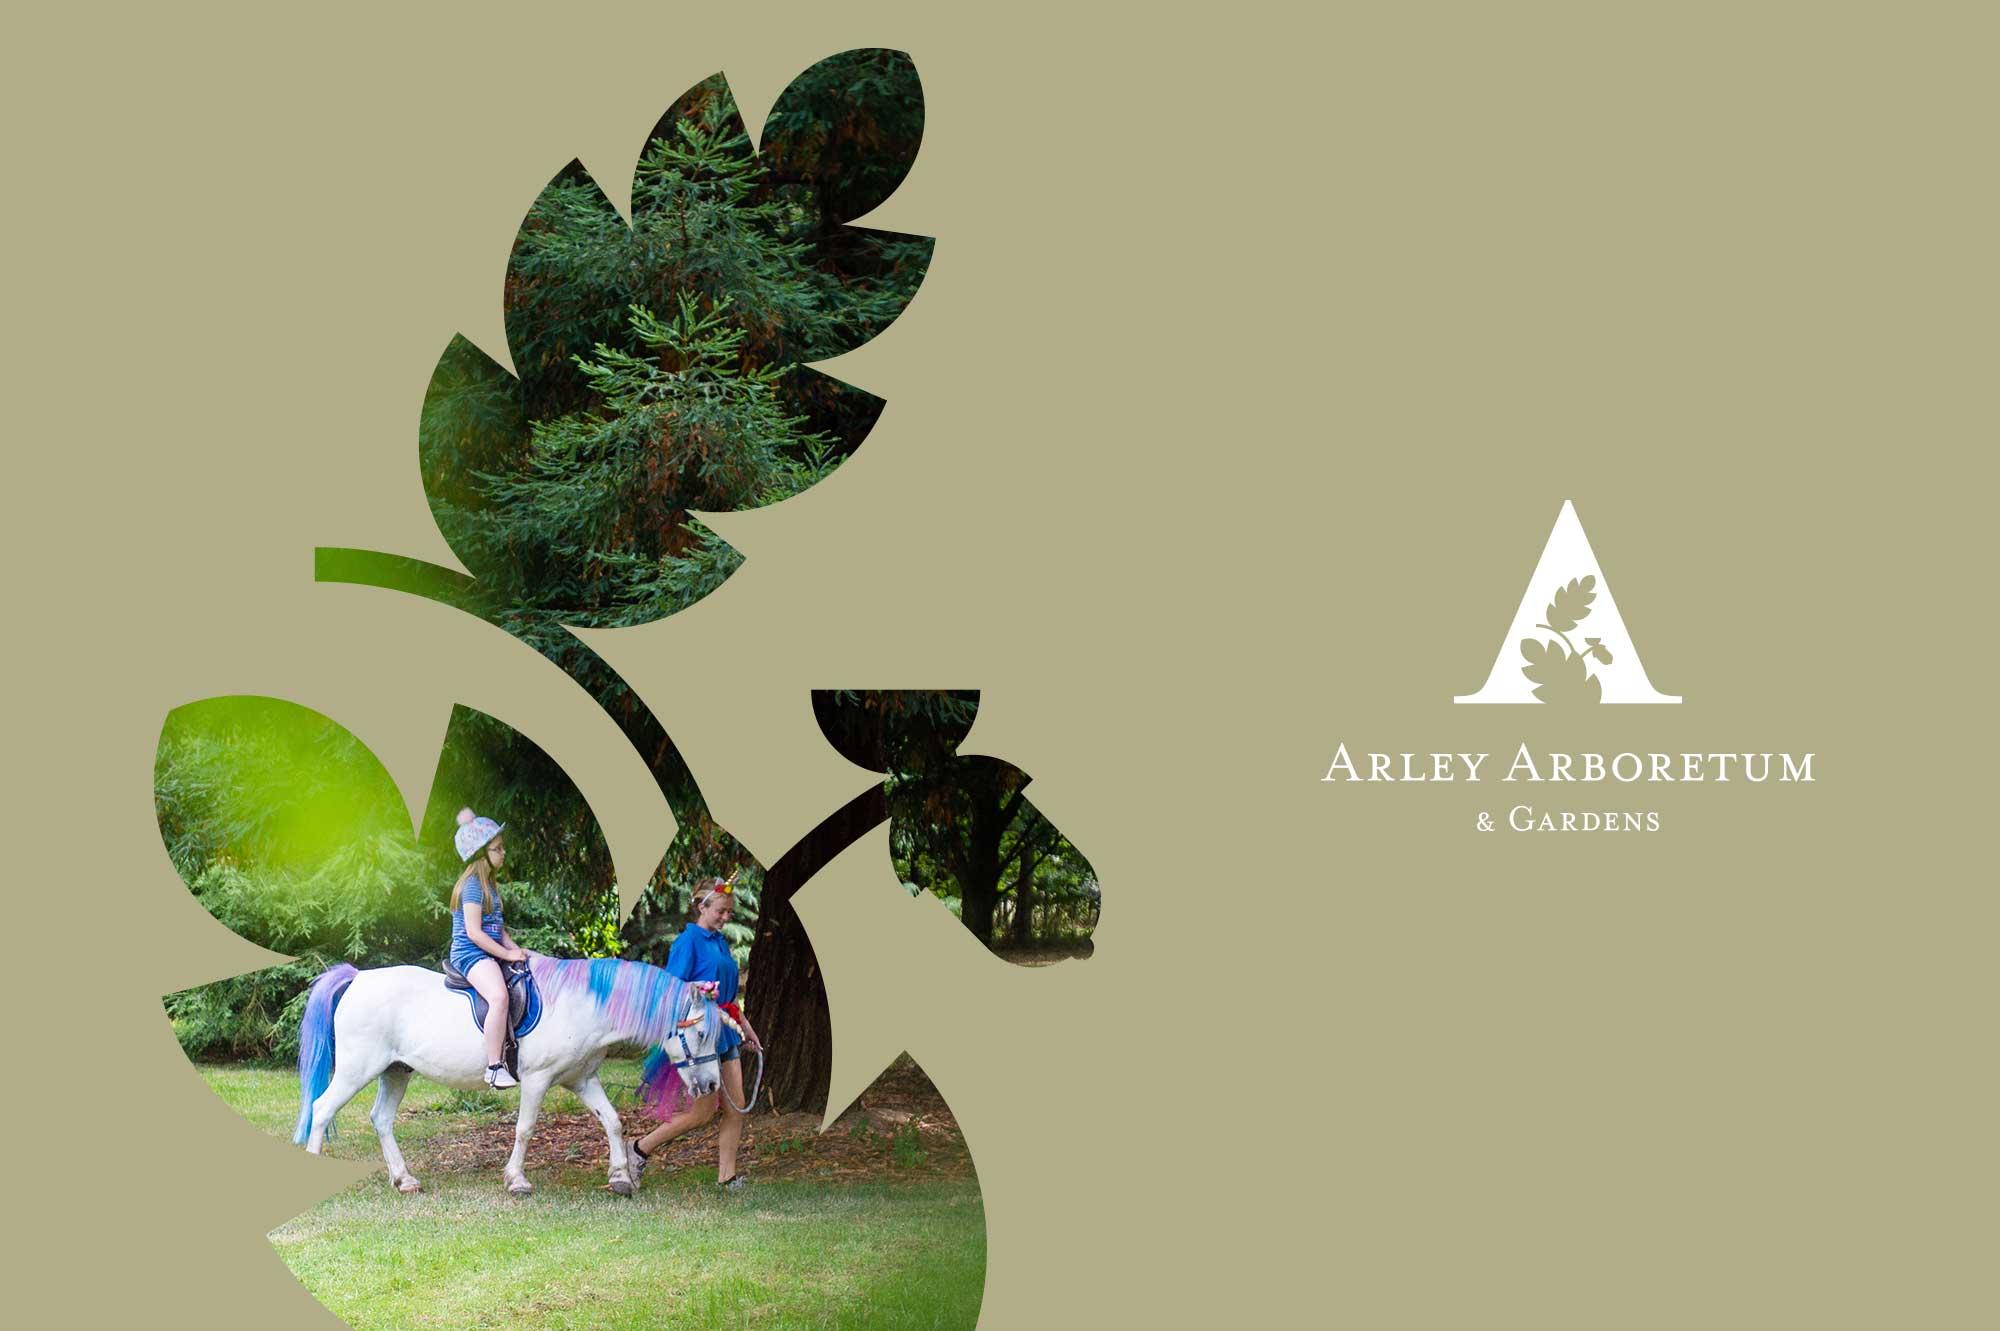 Arley Arboretum Unicorn Rides